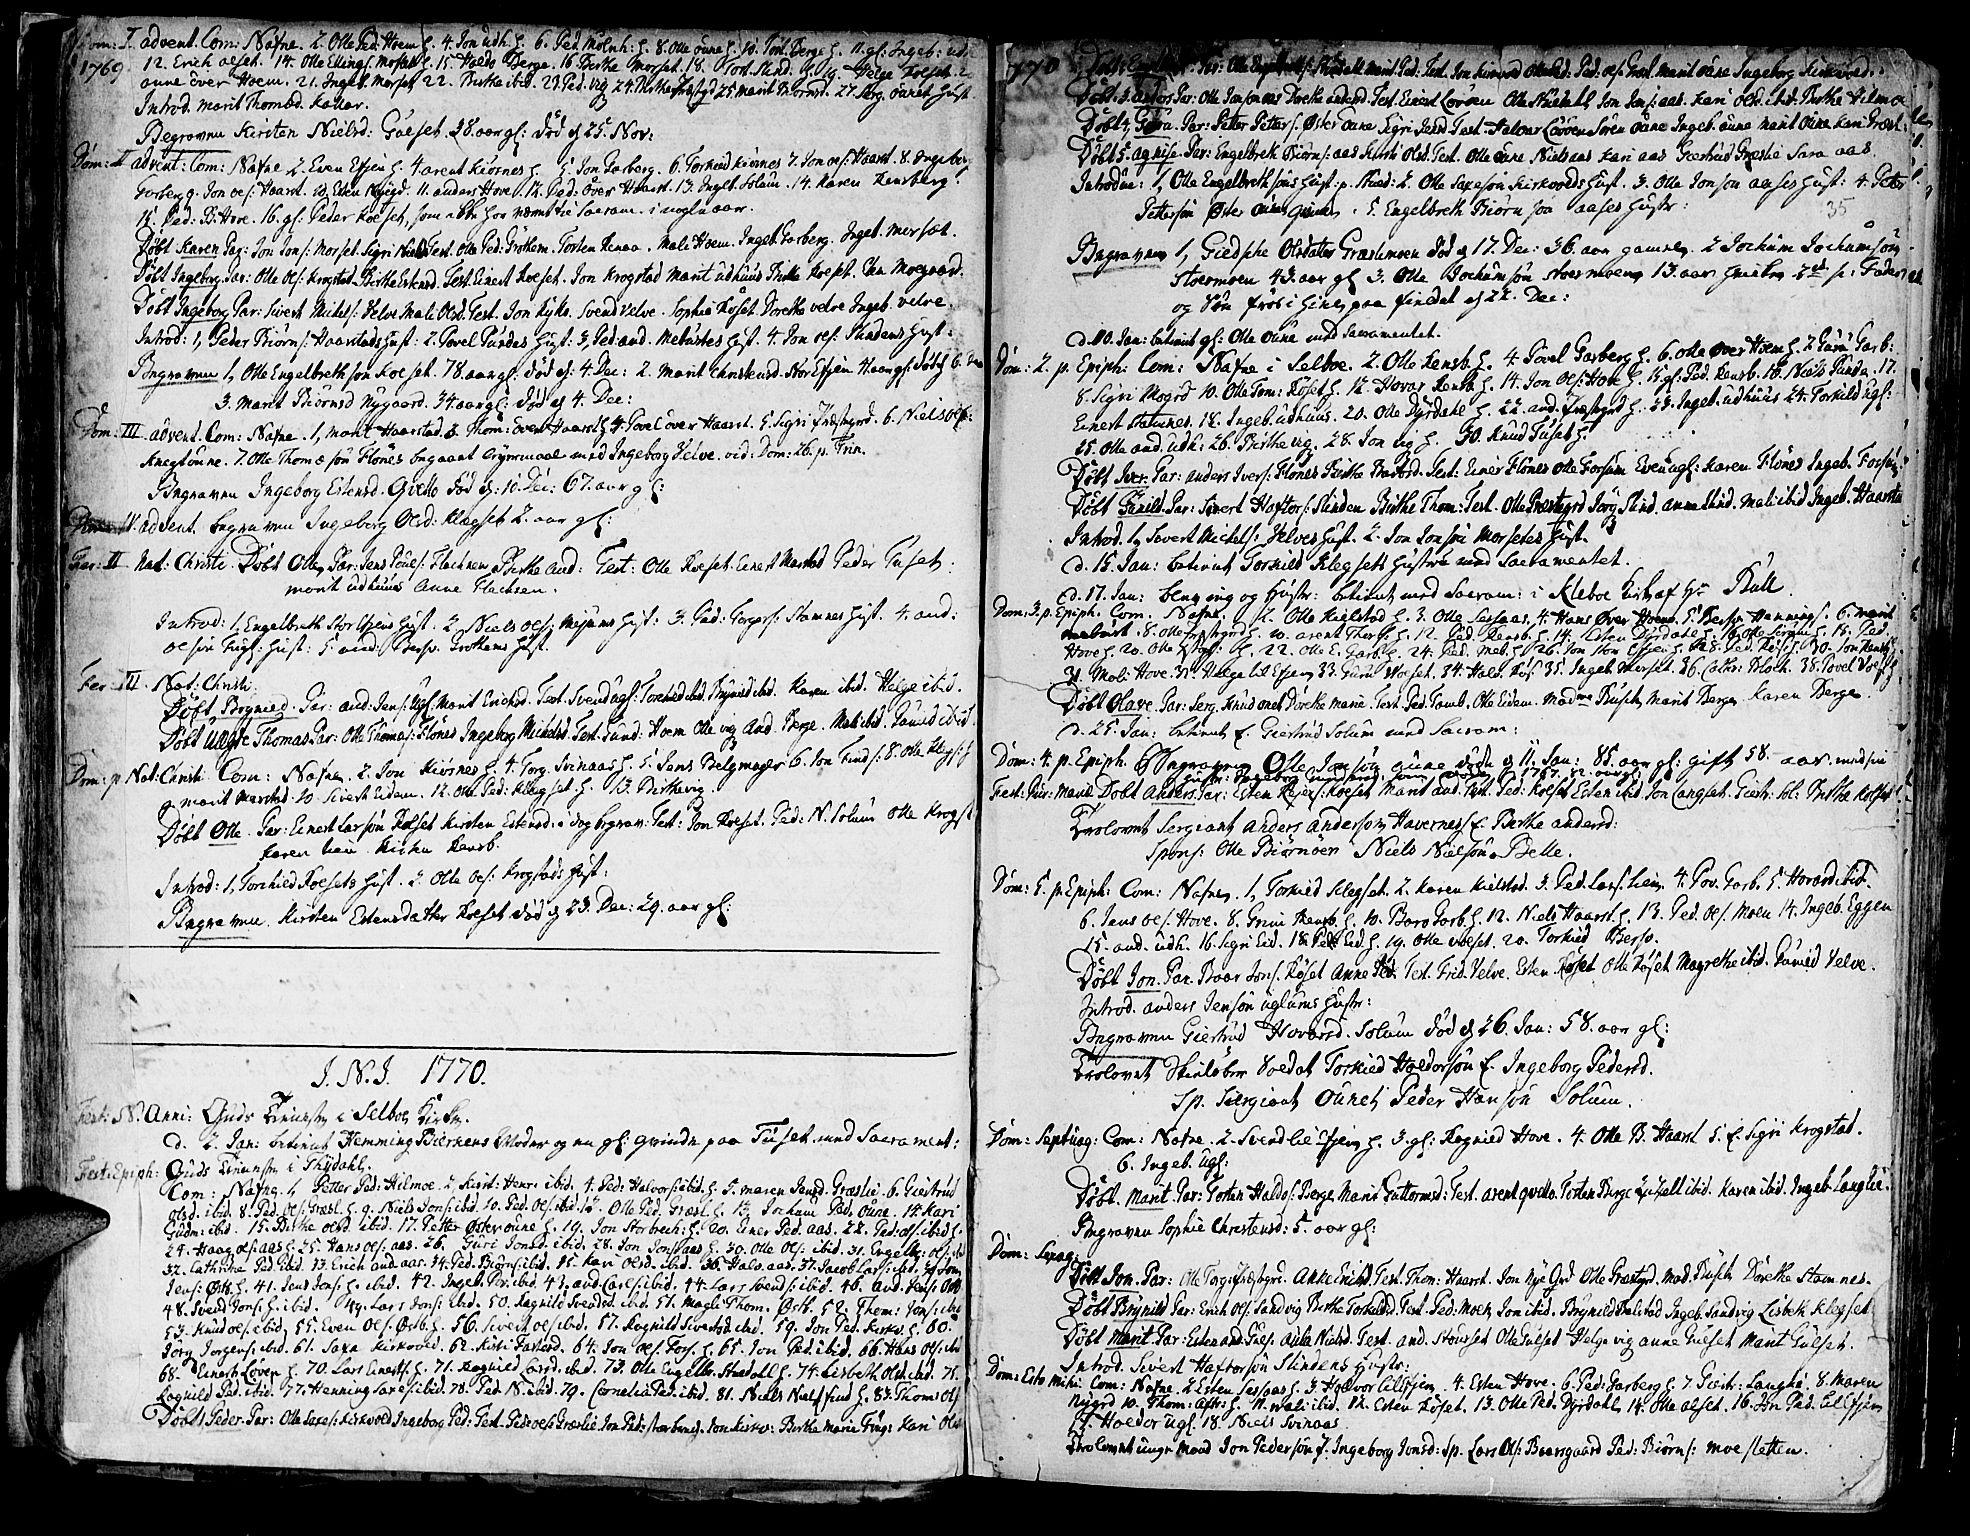 SAT, Ministerialprotokoller, klokkerbøker og fødselsregistre - Sør-Trøndelag, 695/L1138: Ministerialbok nr. 695A02 /1, 1757-1801, s. 35